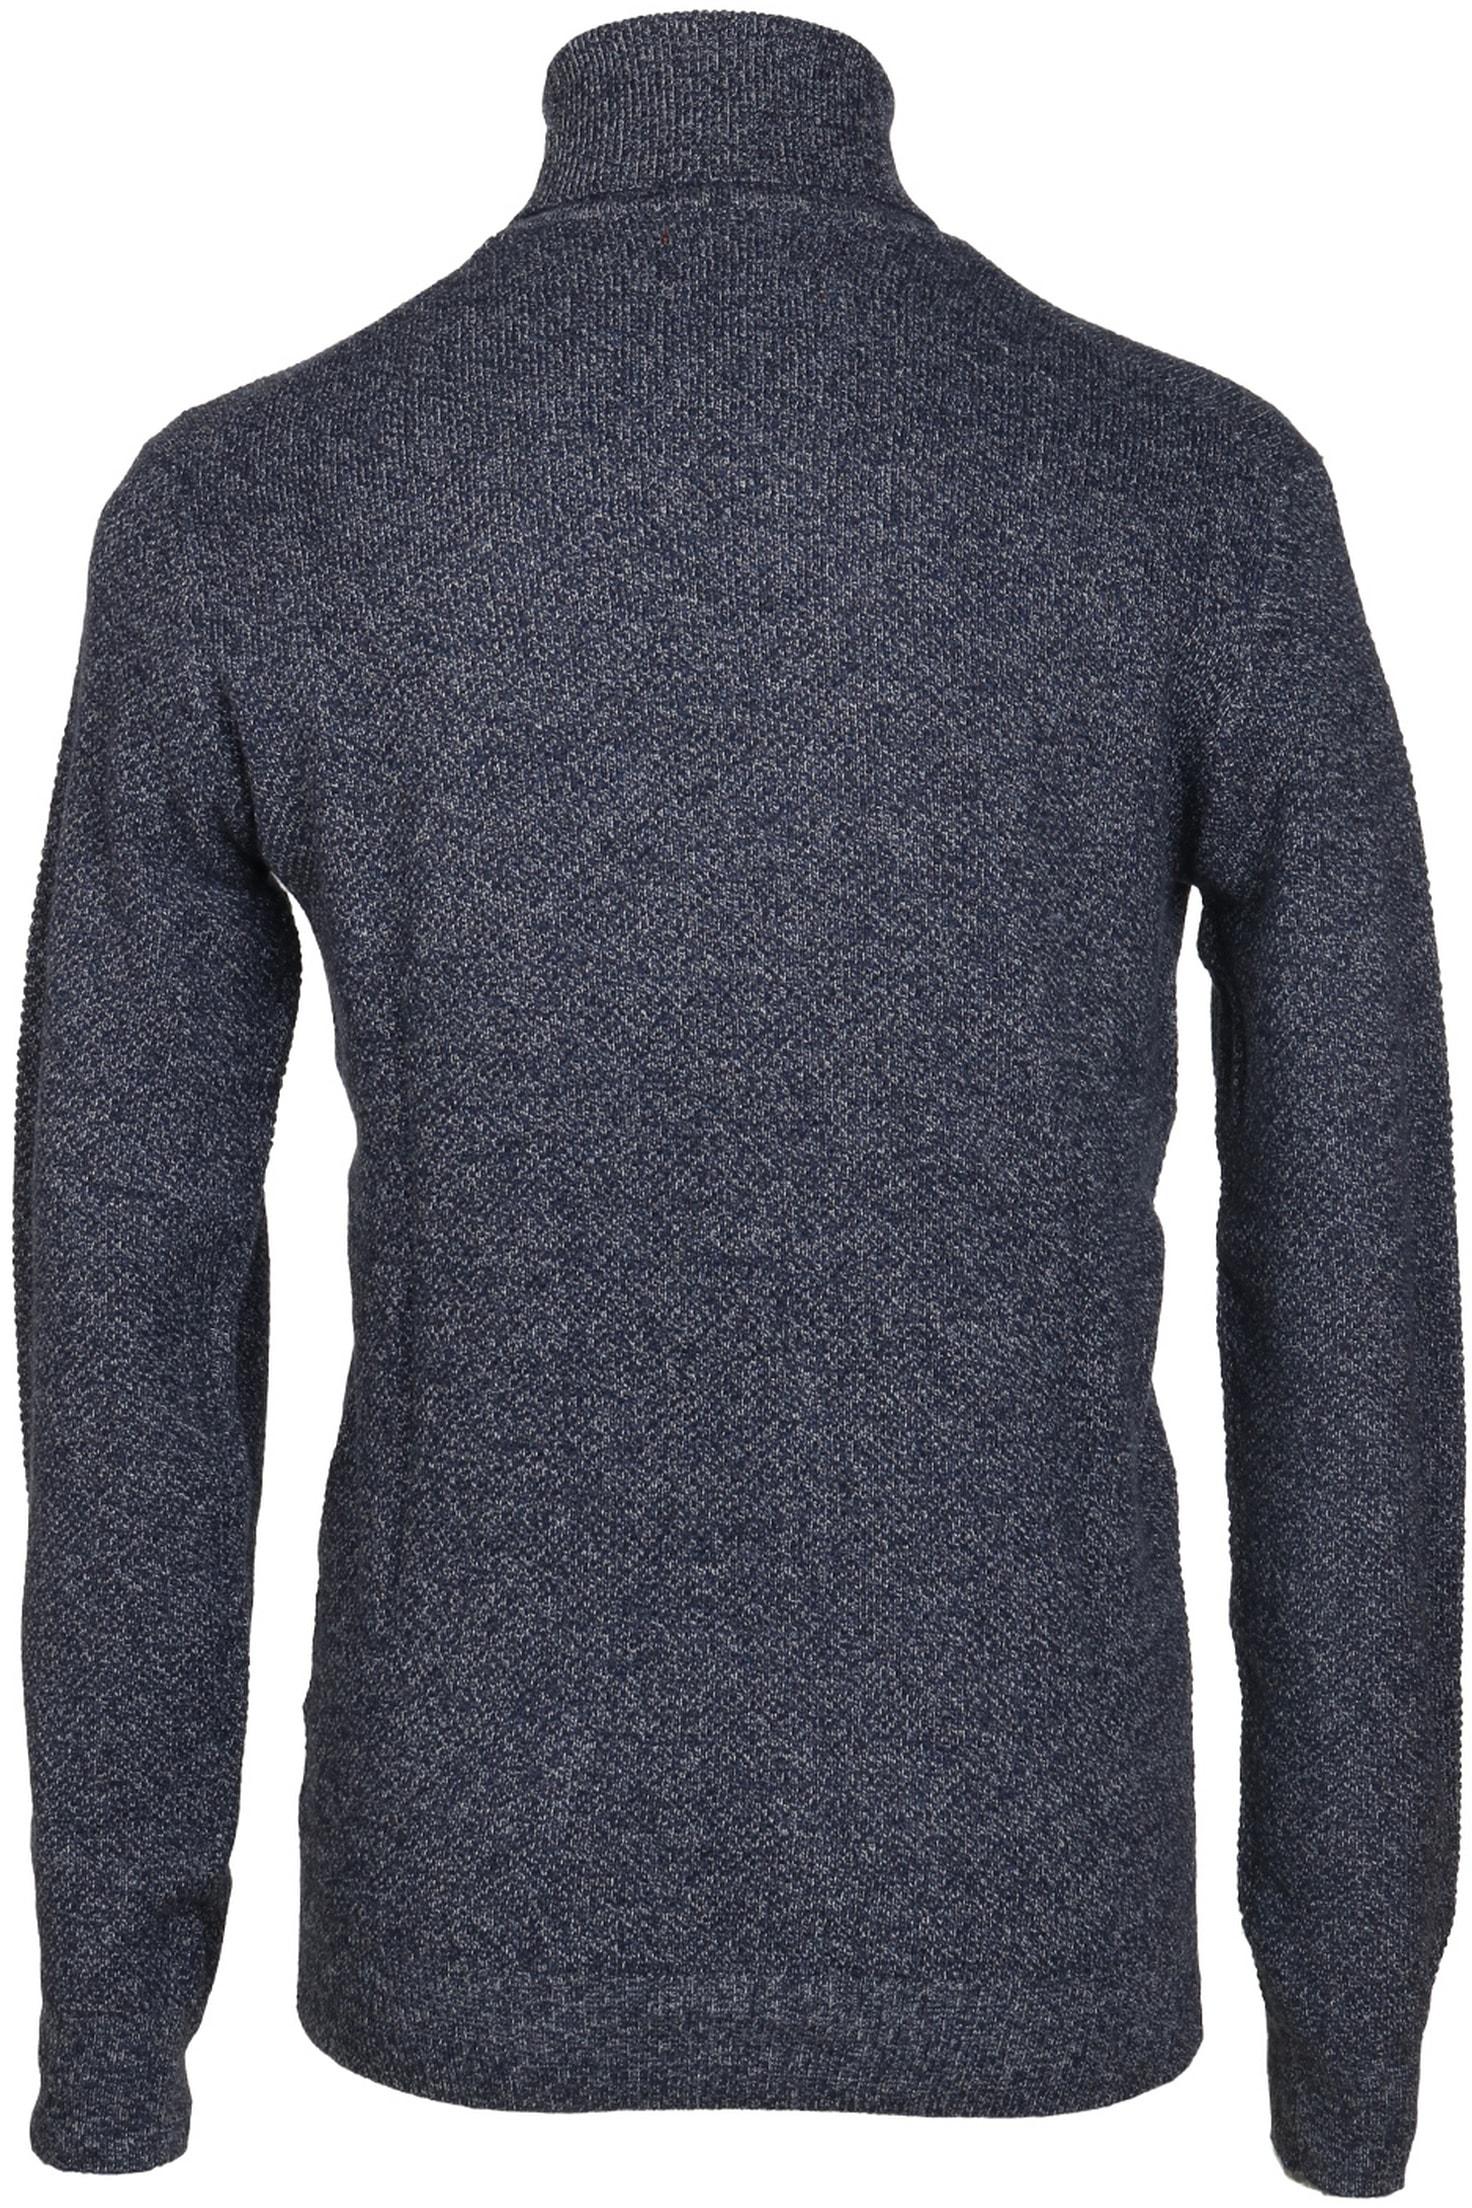 Suitable Rollkragenpullover Baumwolle Blau foto 1